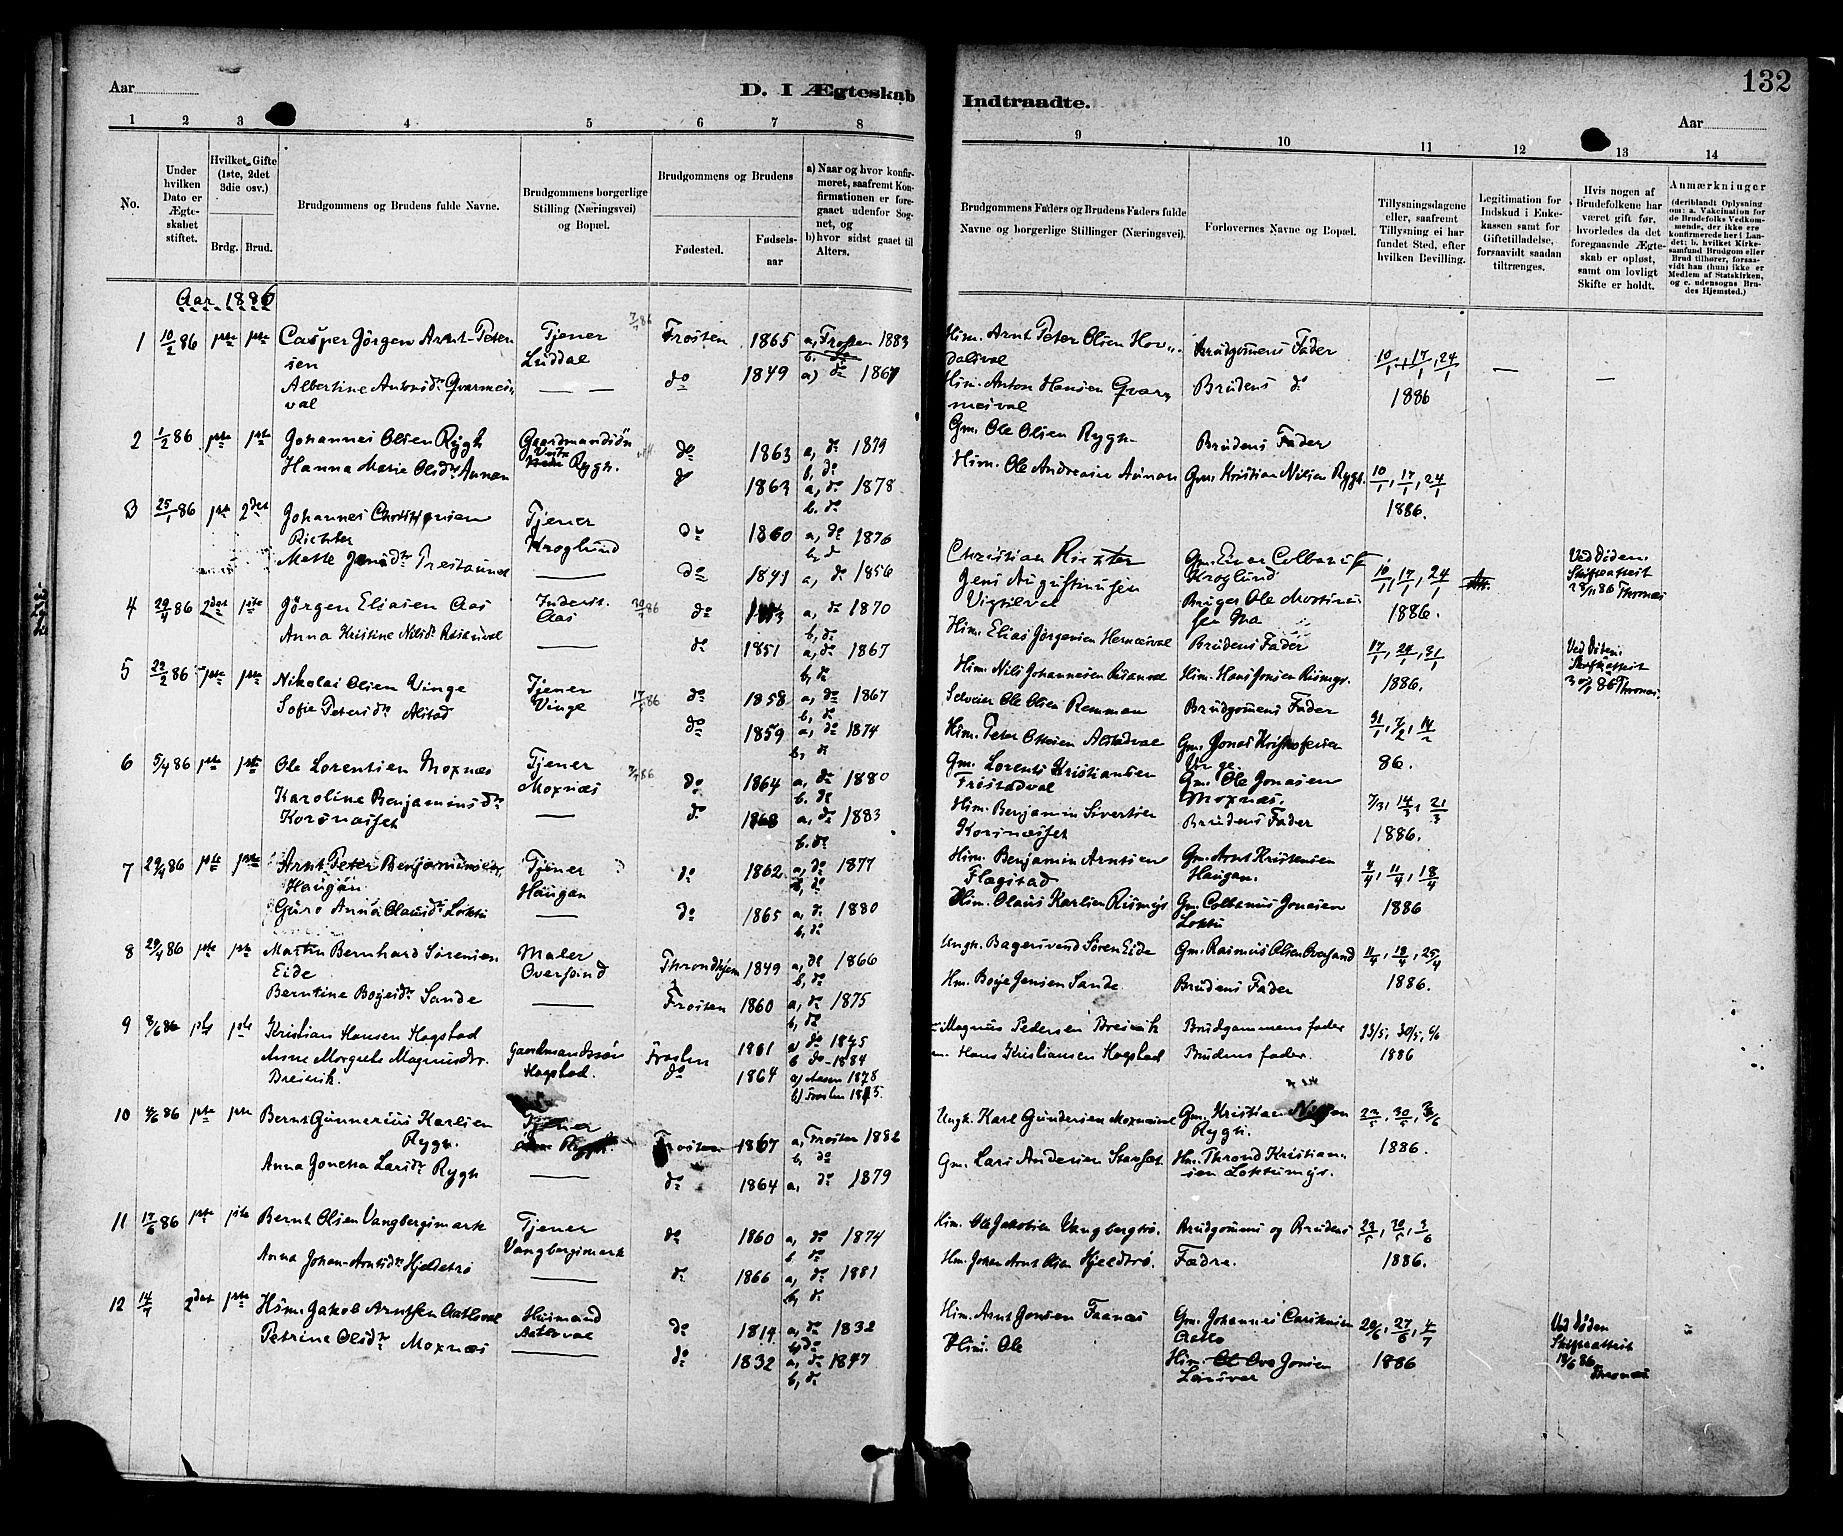 SAT, Ministerialprotokoller, klokkerbøker og fødselsregistre - Nord-Trøndelag, 713/L0120: Ministerialbok nr. 713A09, 1878-1887, s. 132